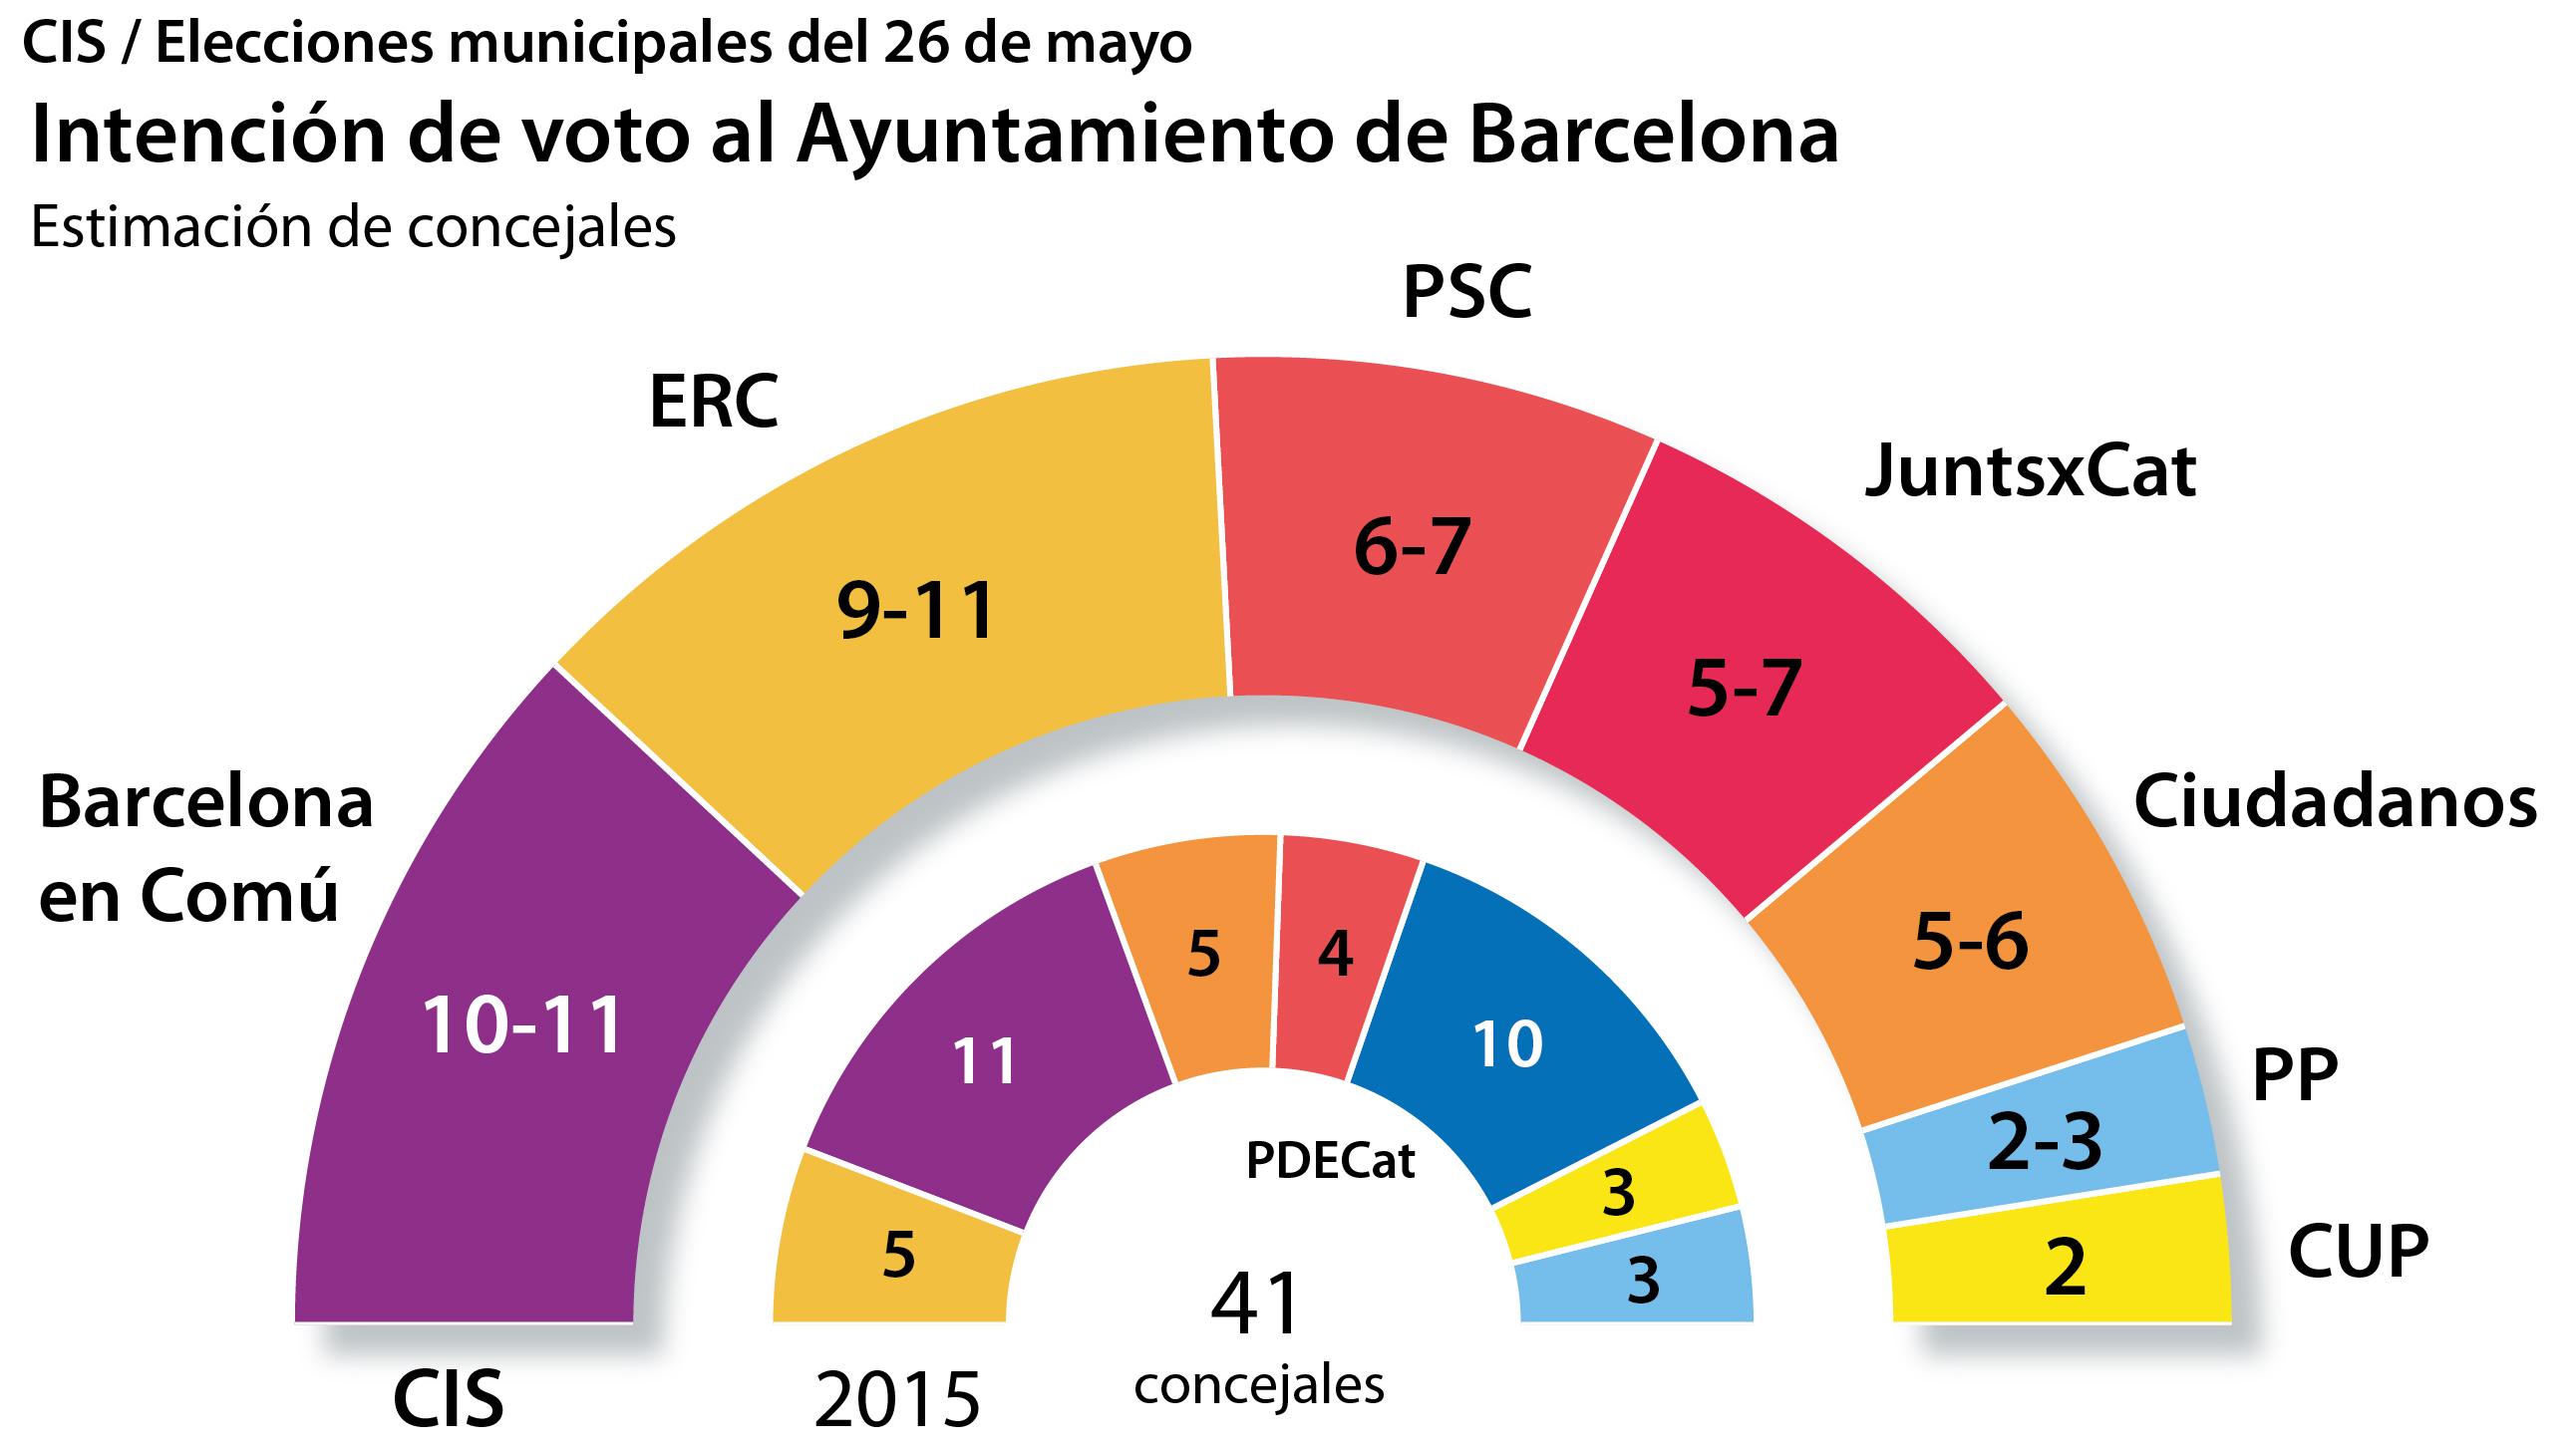 Así quedaría el Ayuntamiento de Barcelona según el CIS